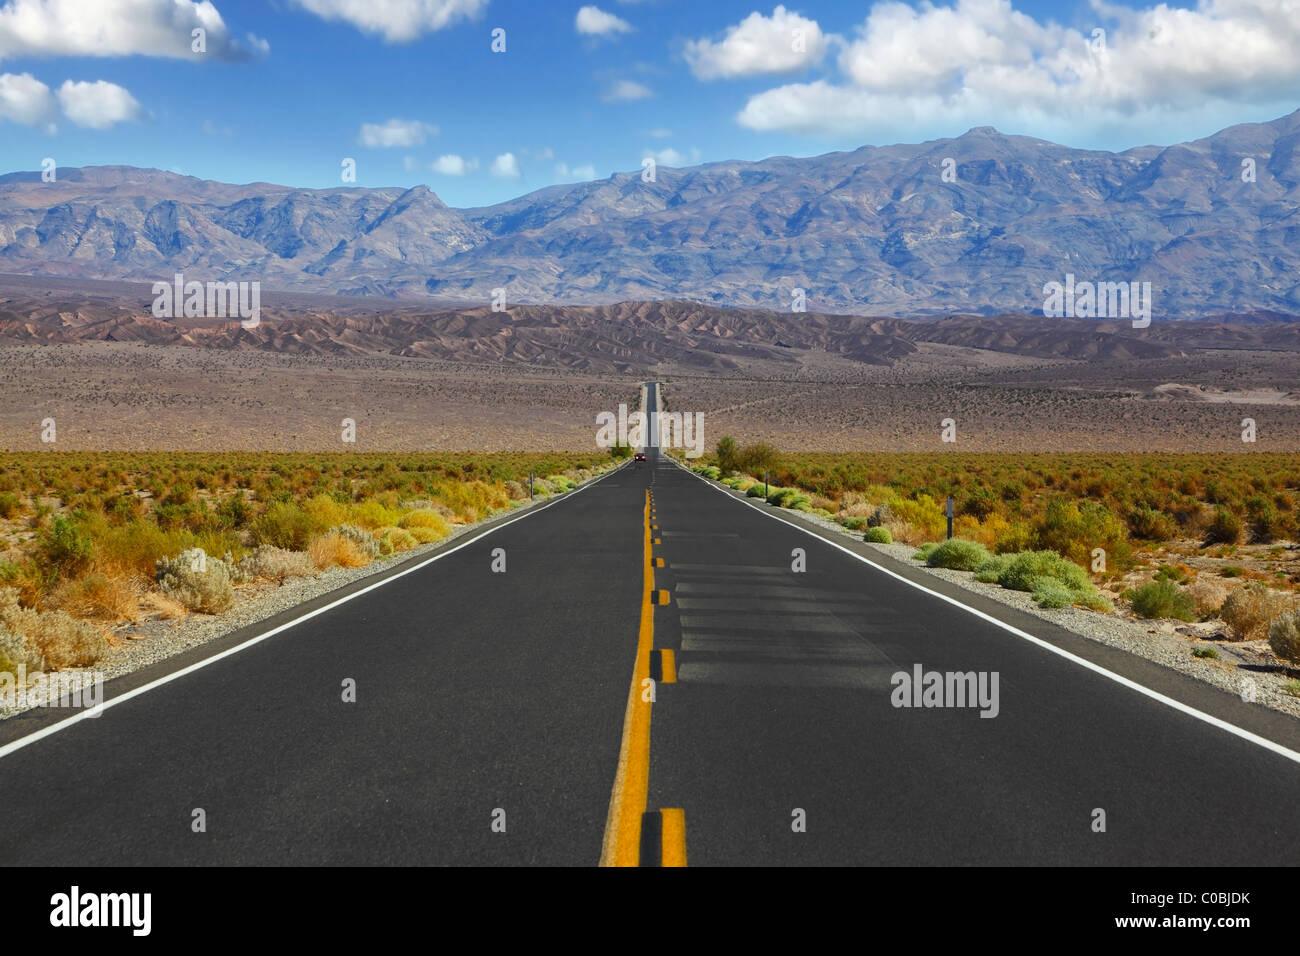 Das einsame rote Auto auf der Straße, Kreuzung enorme Death Valley in Kalifornien. Stockbild